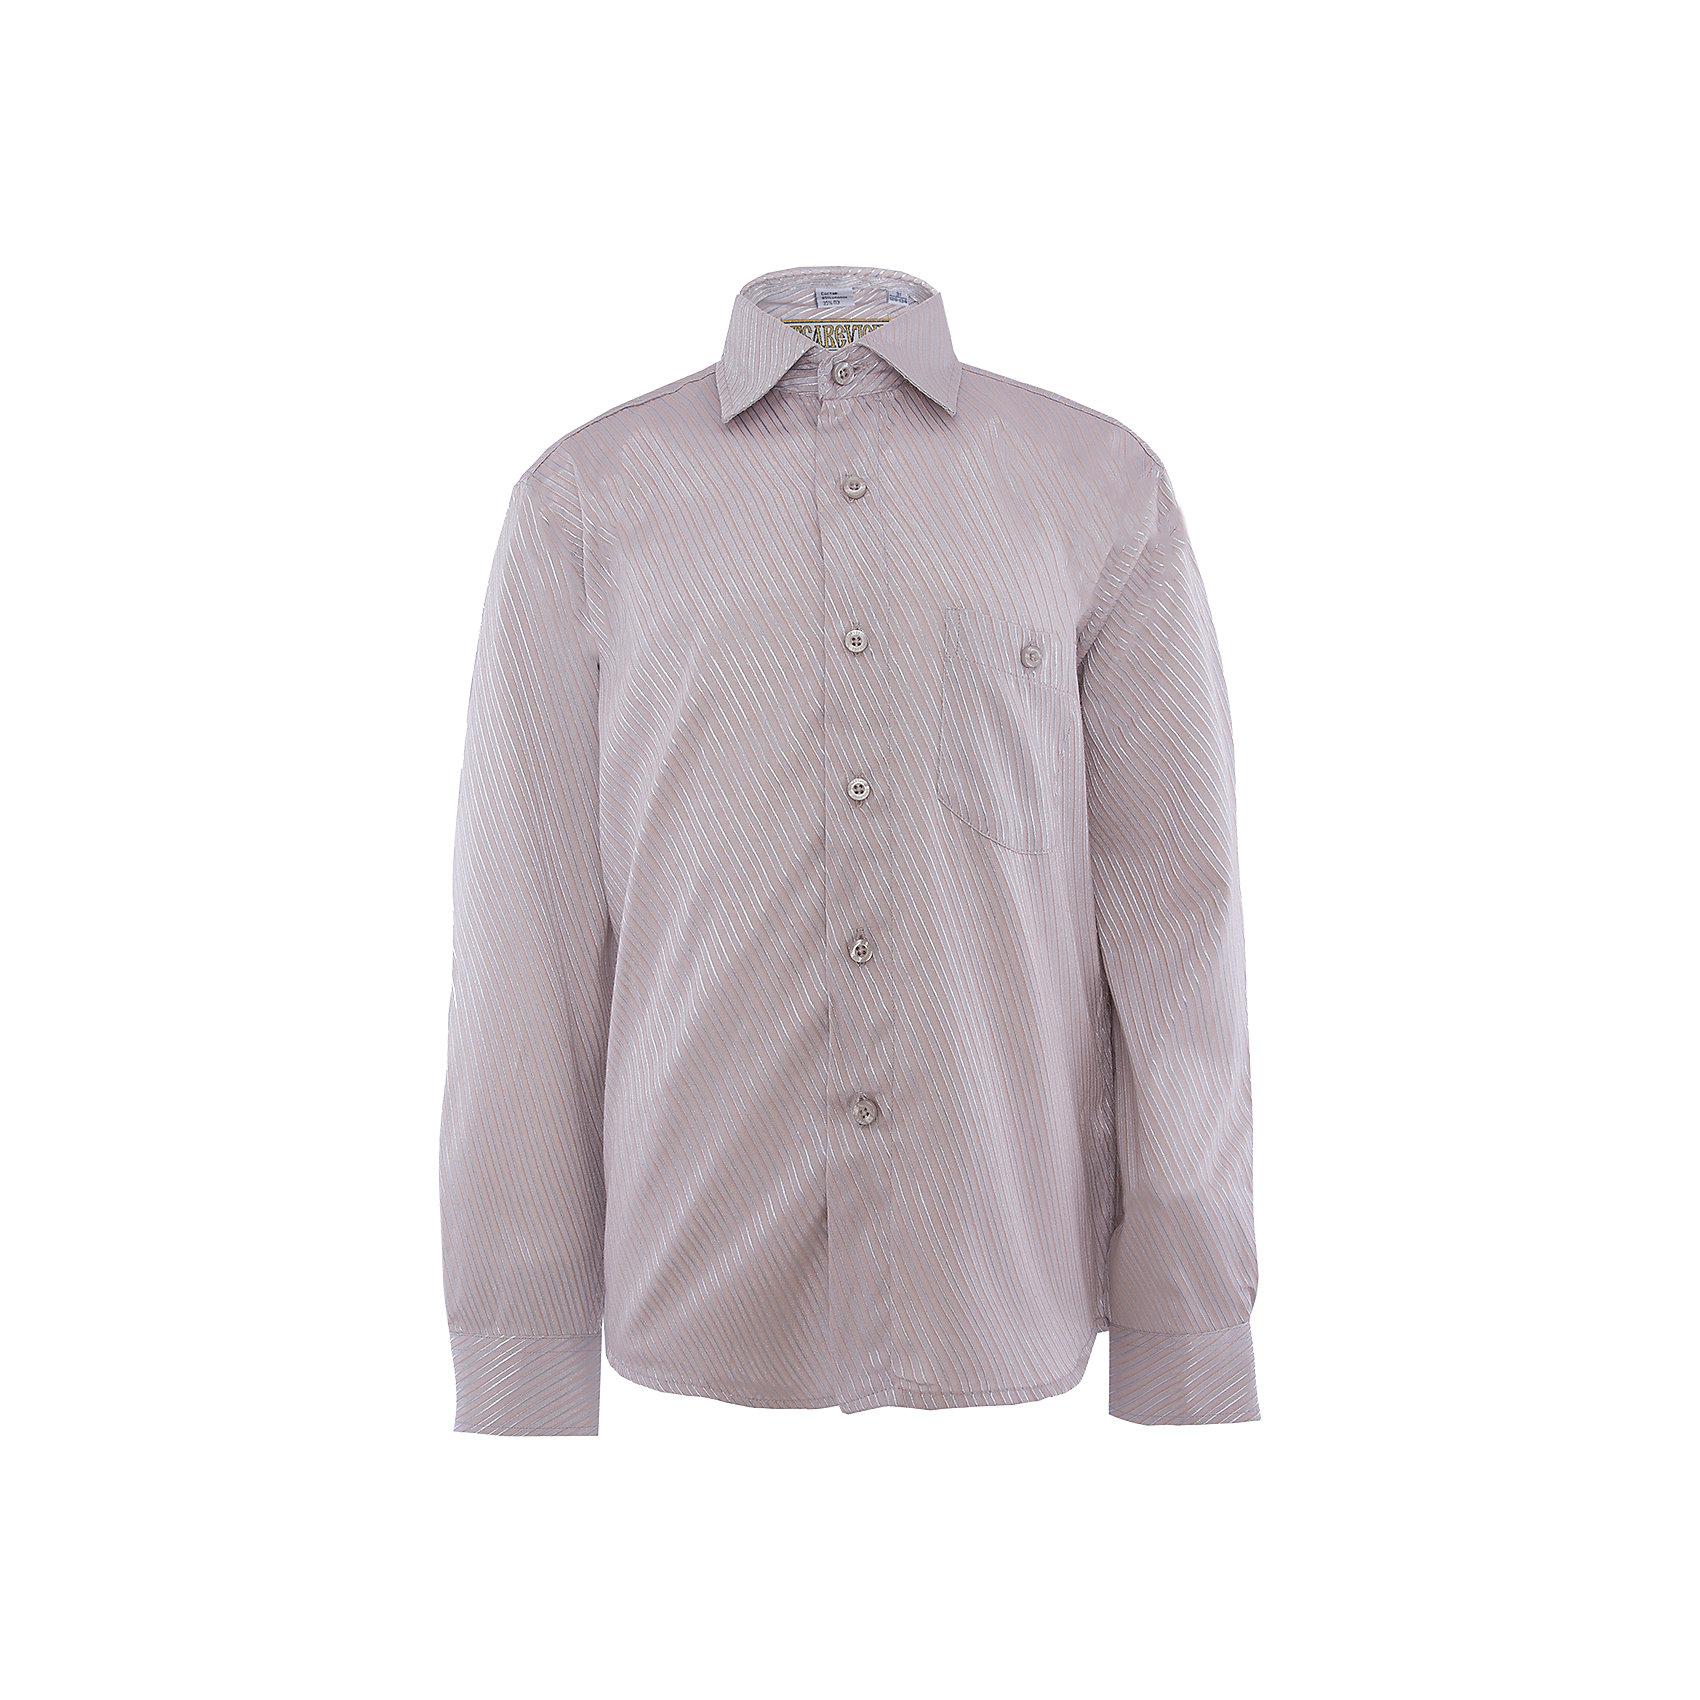 Рубашка для мальчика TsarevichБлузки и рубашки<br>Классическая рубашка - неотьемлемая вещь в гардеробе. Модель на пуговицах, с отложным воротником. Свободный покрой не стеснит движений и позволит чувствовать себя комфортно каждый день.  Состав 65 % хл. 35% П/Э<br><br>Ширина мм: 174<br>Глубина мм: 10<br>Высота мм: 169<br>Вес г: 157<br>Цвет: белый<br>Возраст от месяцев: 168<br>Возраст до месяцев: 180<br>Пол: Мужской<br>Возраст: Детский<br>Размер: 164/170,146/152,122/128,128/134,134/140,140/146,146/152,152/158,152/158,158/164<br>SKU: 4749293